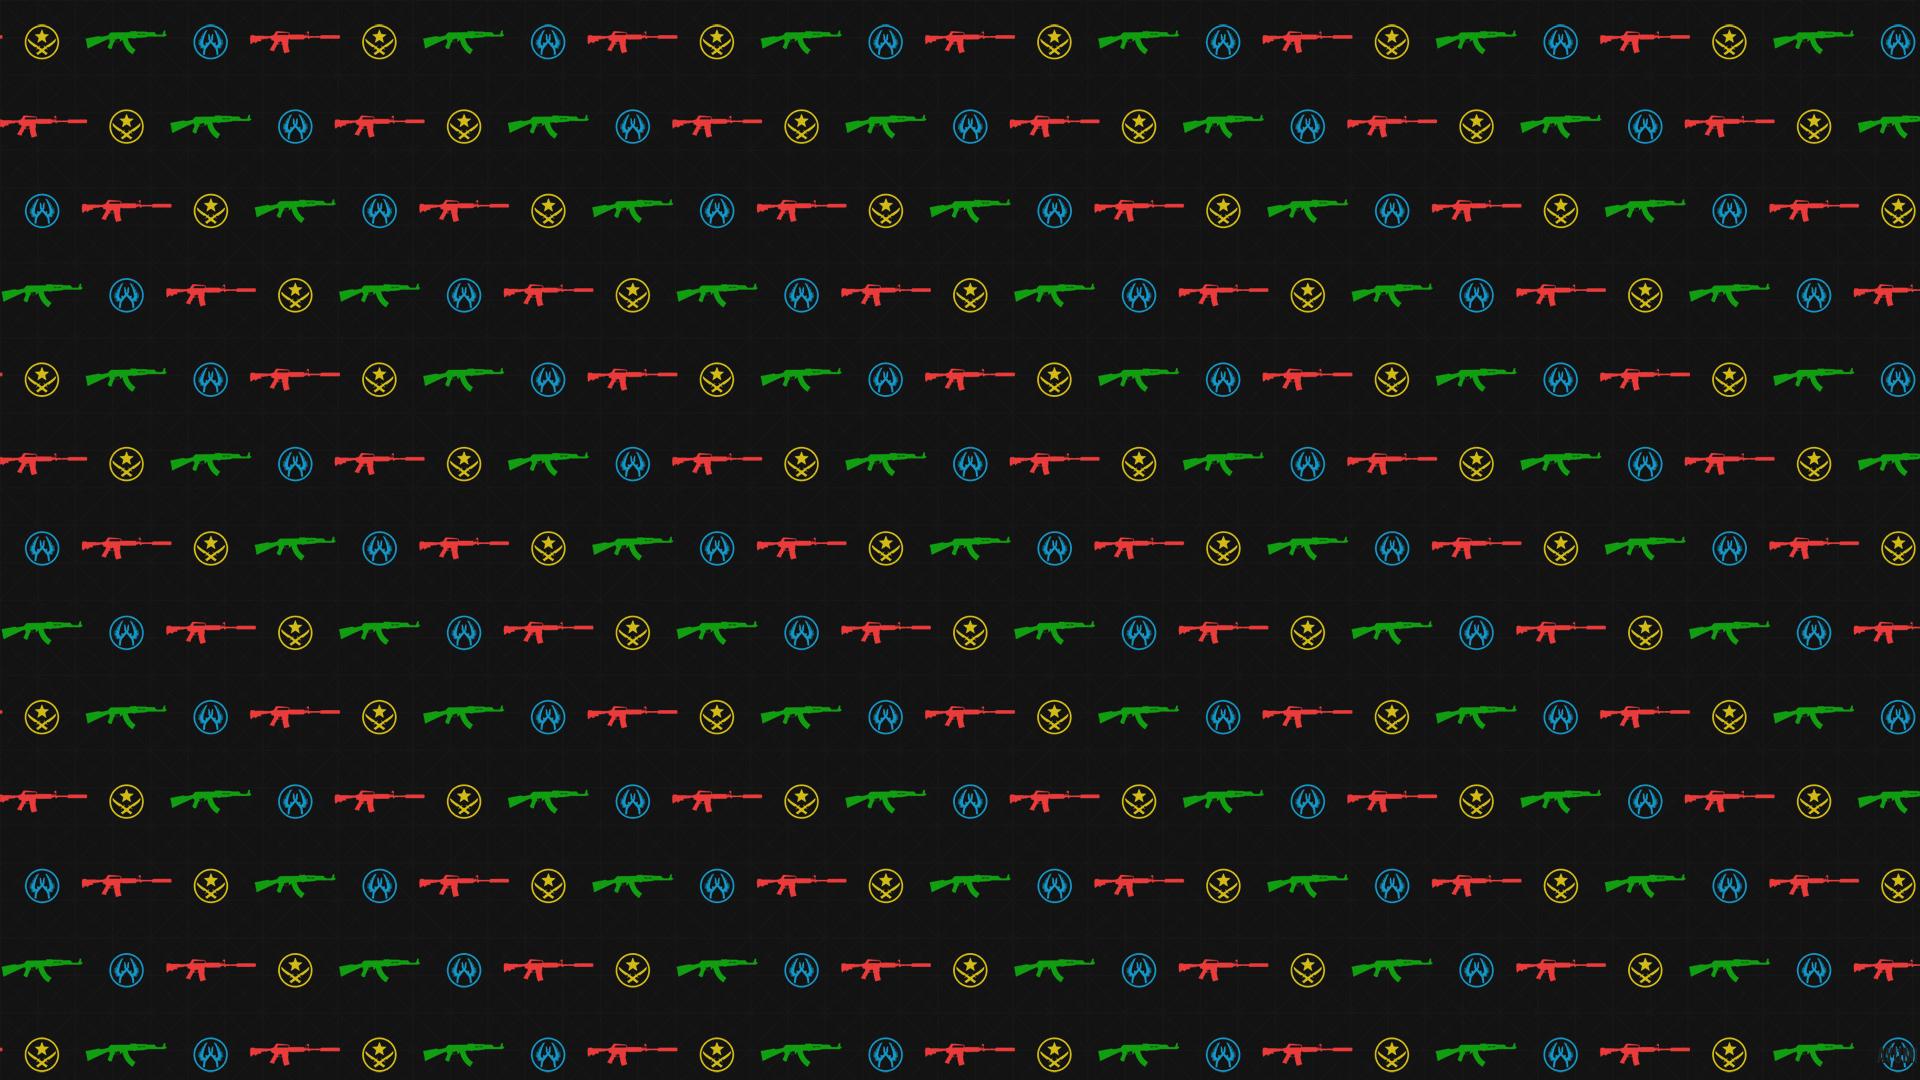 CSGO Ak-47 - M4a1 wallpaper pattern